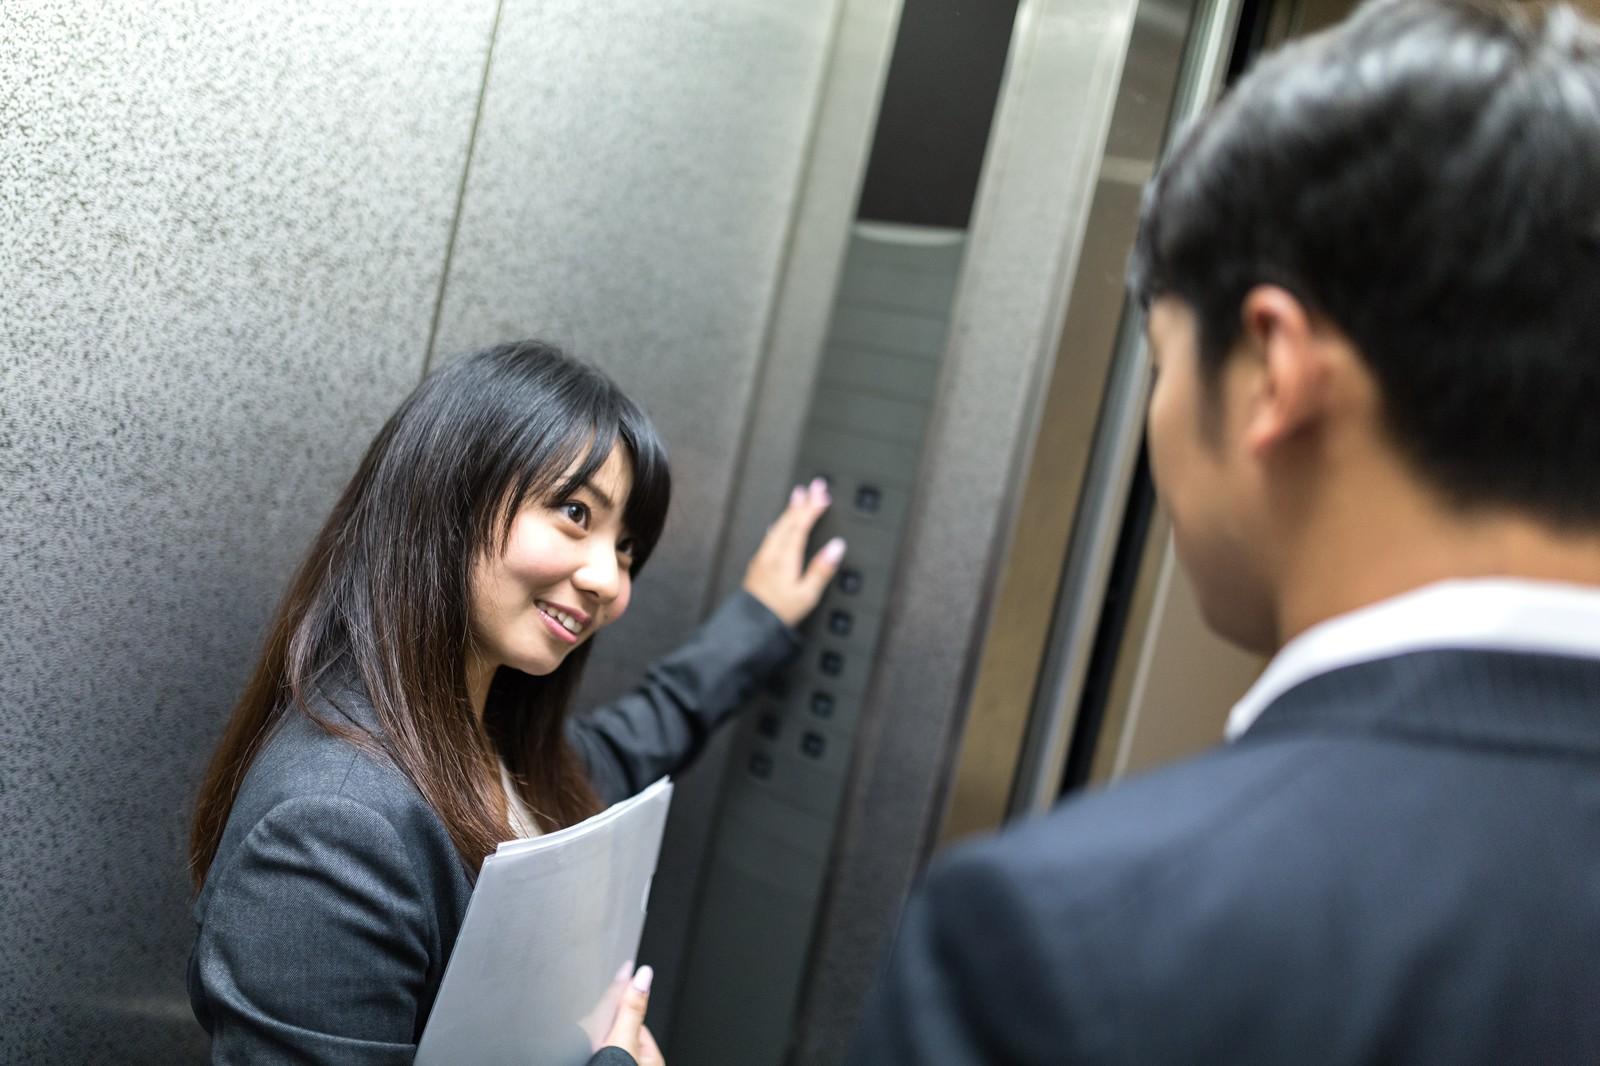 残業が増えたり、出張が増えるなど、仕事関係の違和感を感じた時も浮気調査を依頼するタイミング!